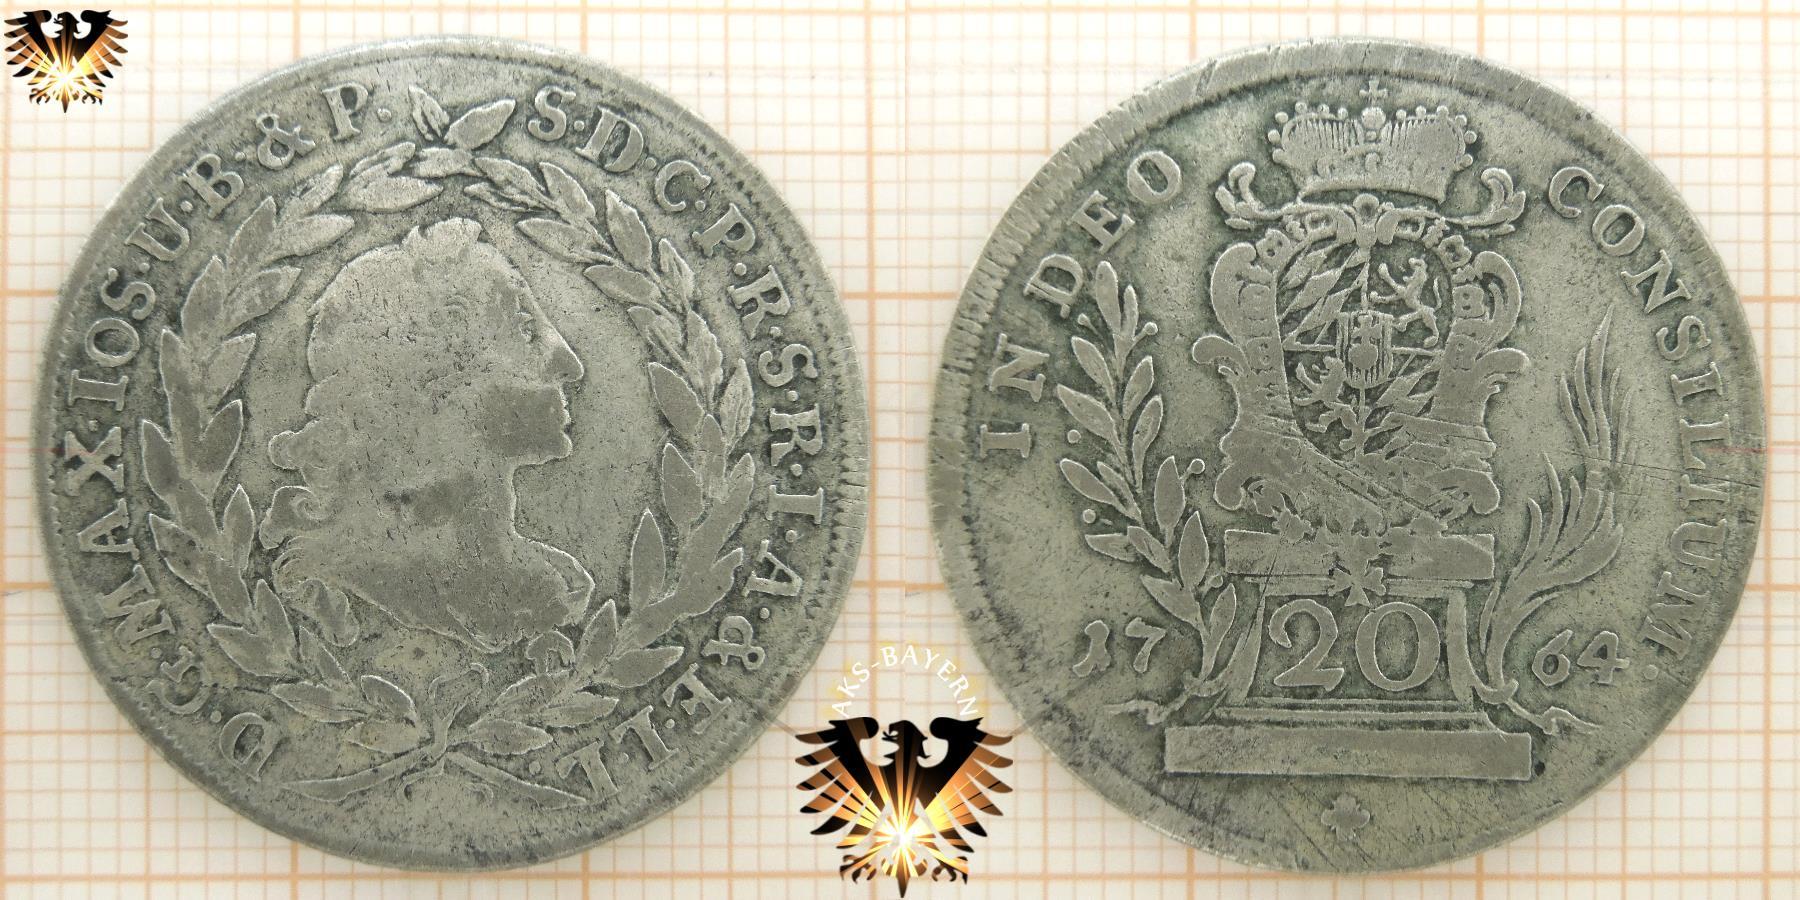 Bayern 10 Kreuzer 1794 Car Theod Silbermünze